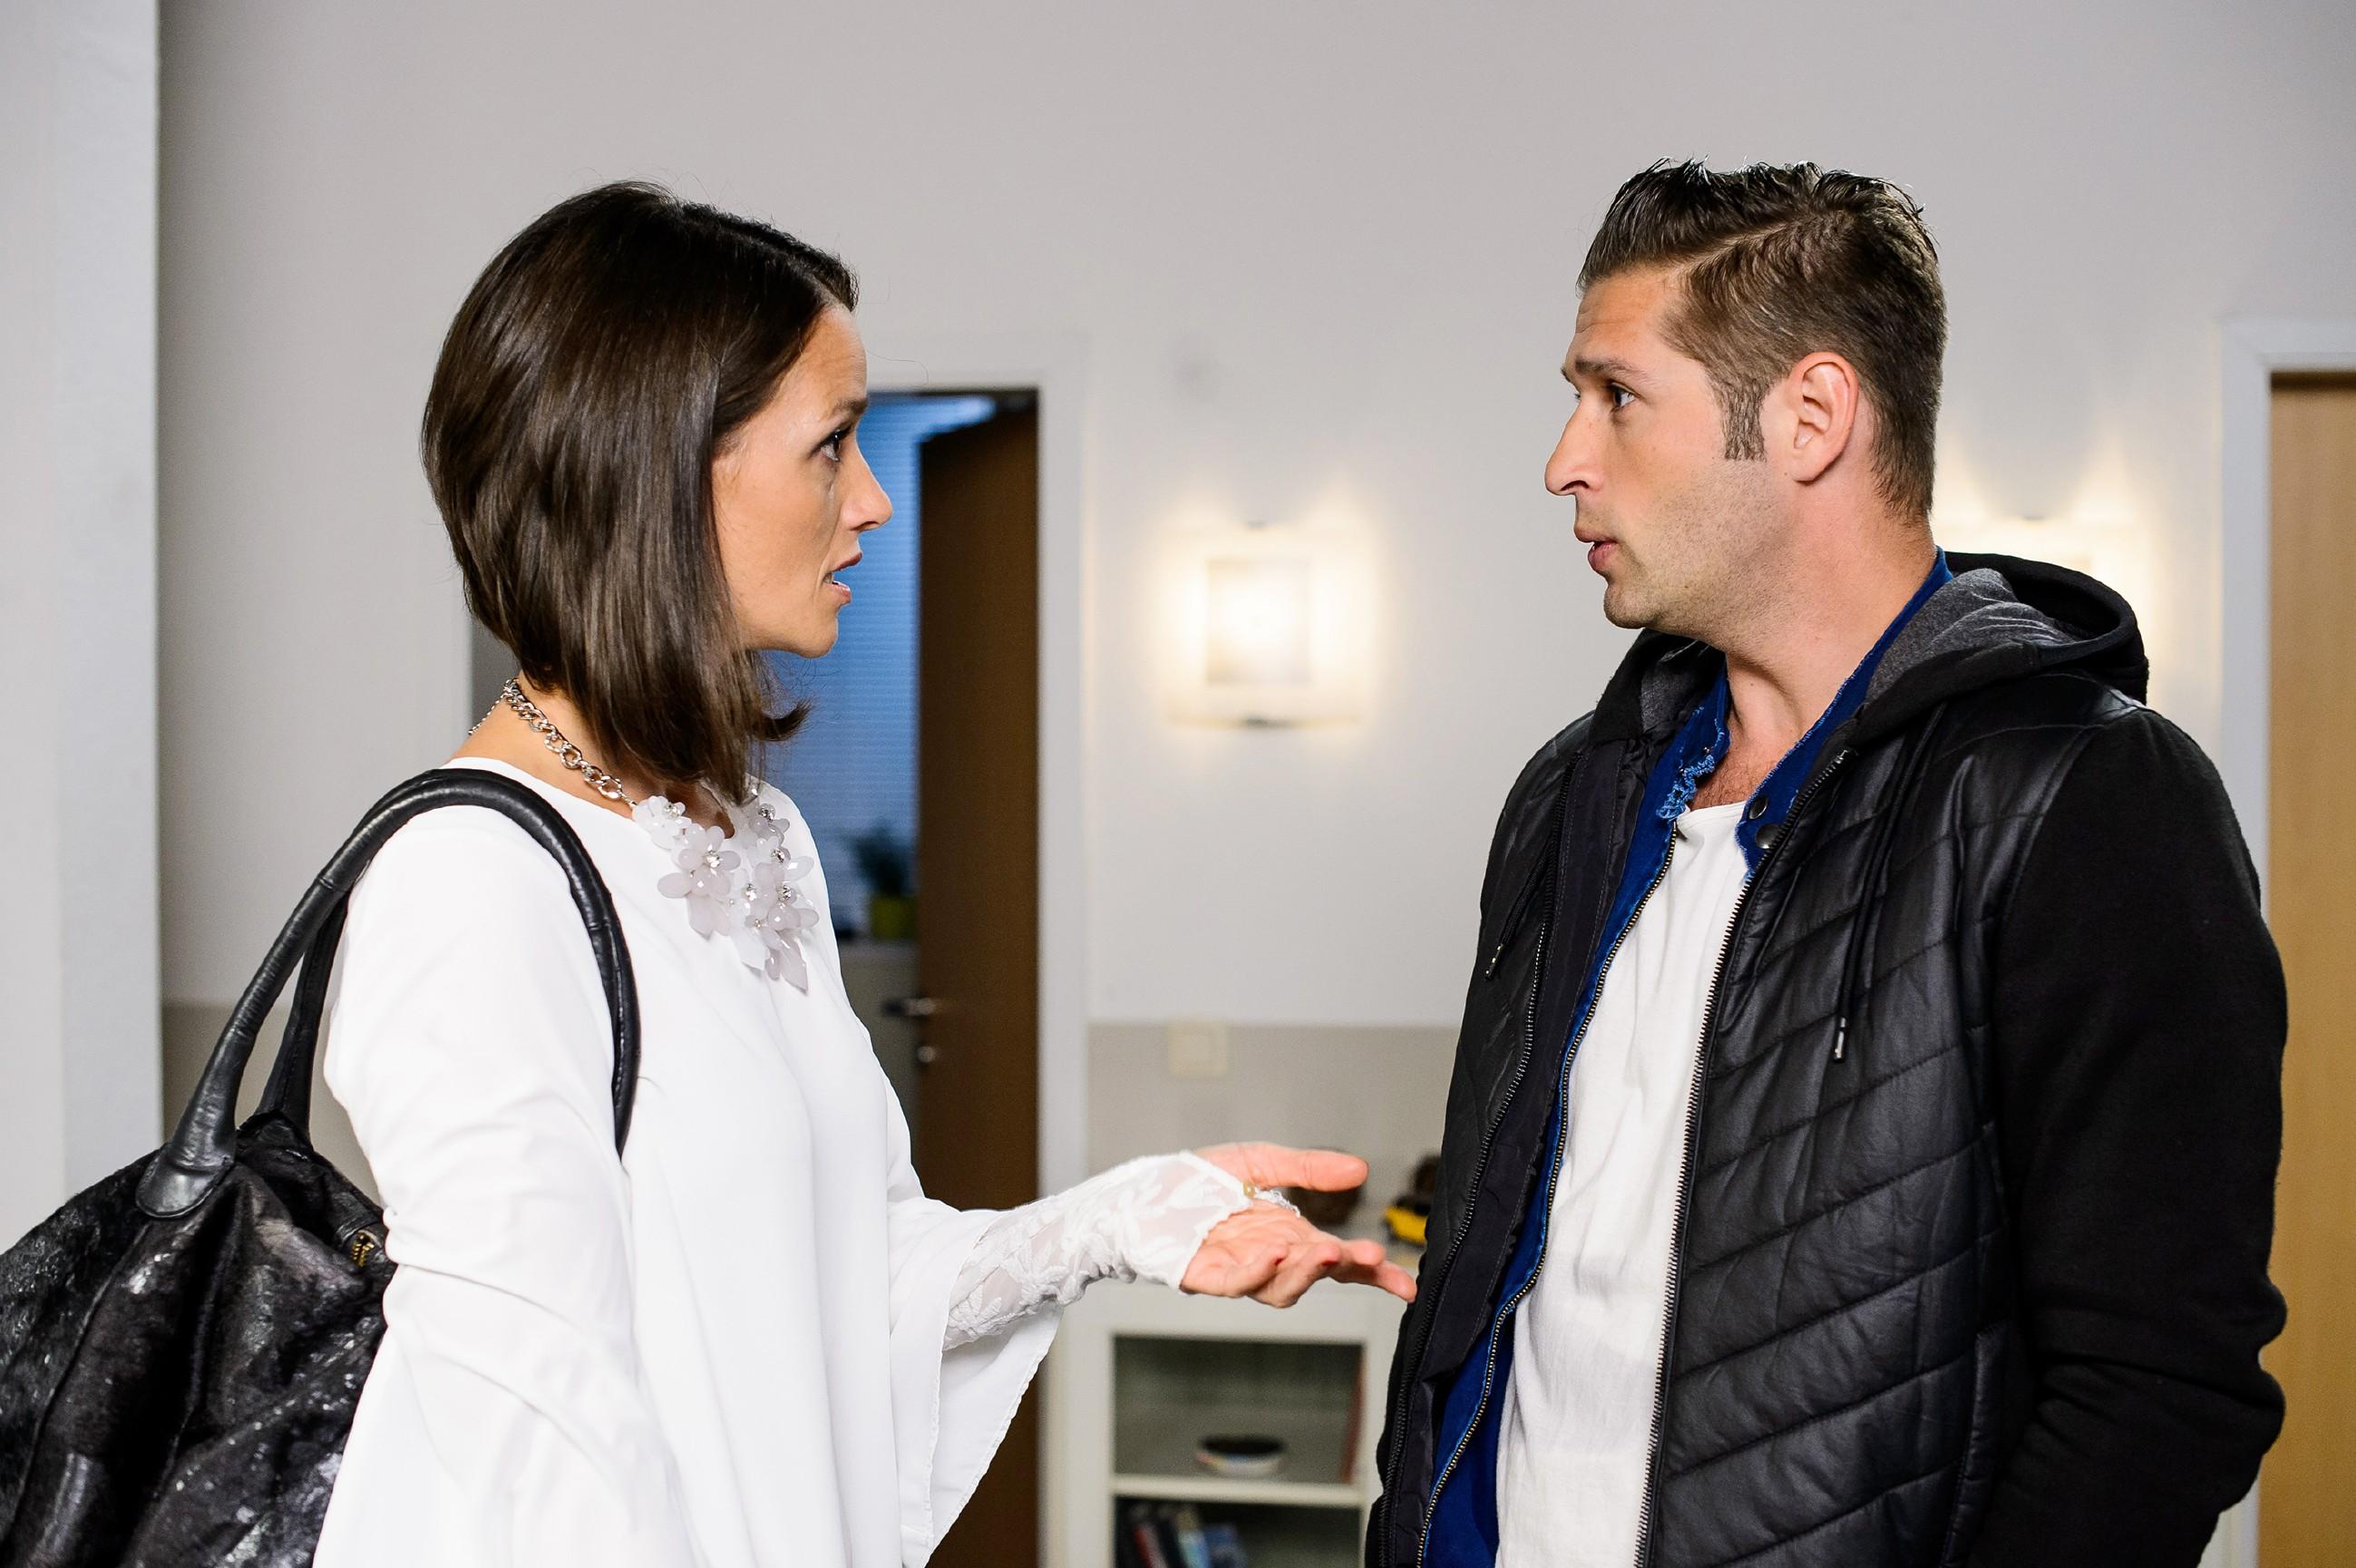 Jenny (Kaja Schmidt-Tychsen) und Deniz (Igor Dolgatschew) sind darauf bedacht, keine verfängliche Nähe entstehen zu lassen. (Quelle: RTL / Willi Weber)